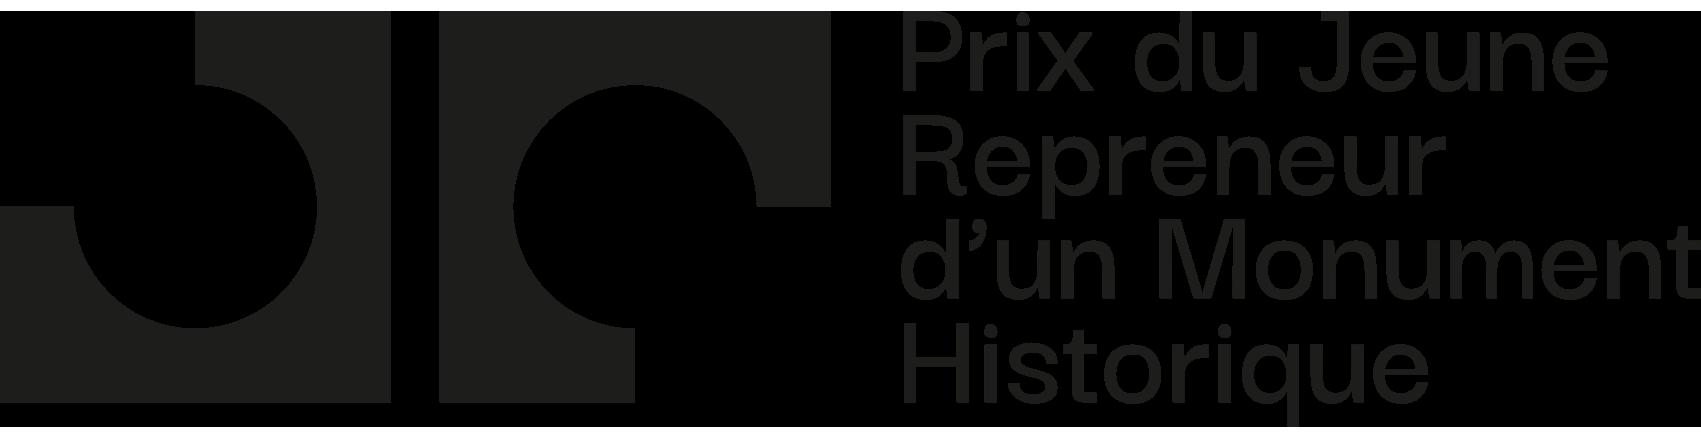 Prix du Jeune Repreneur un Monument Historique